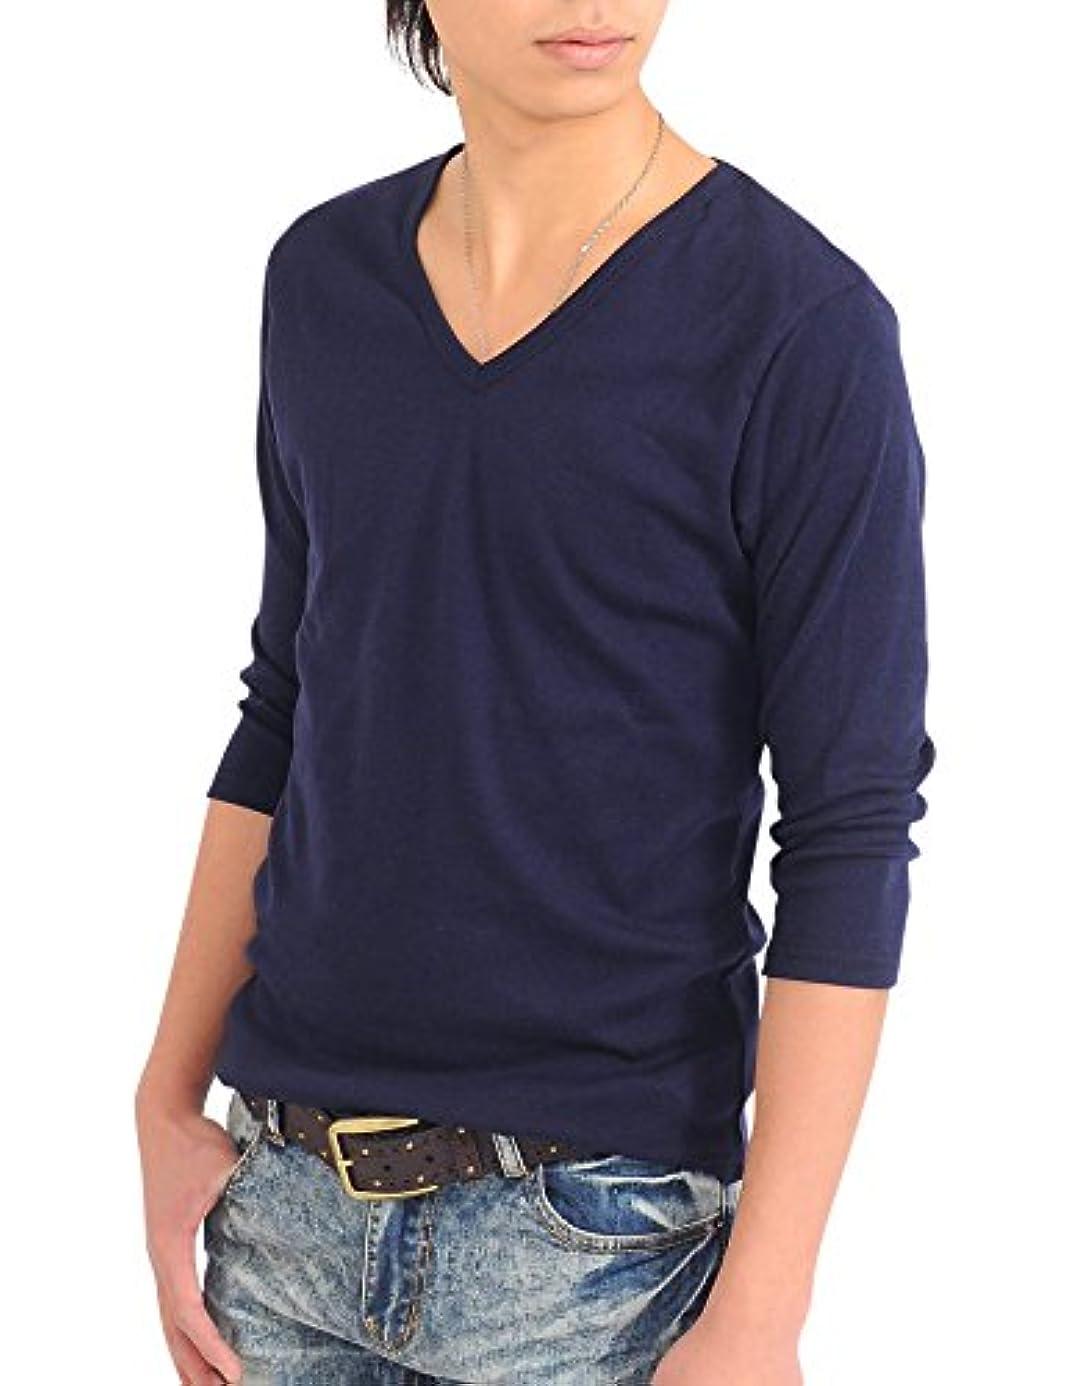 闇勧める渦(スペイド) SPADE 七分袖Tシャツ メンズ Vネック Uネック Tシャツ 七分丈 無地 【q922】